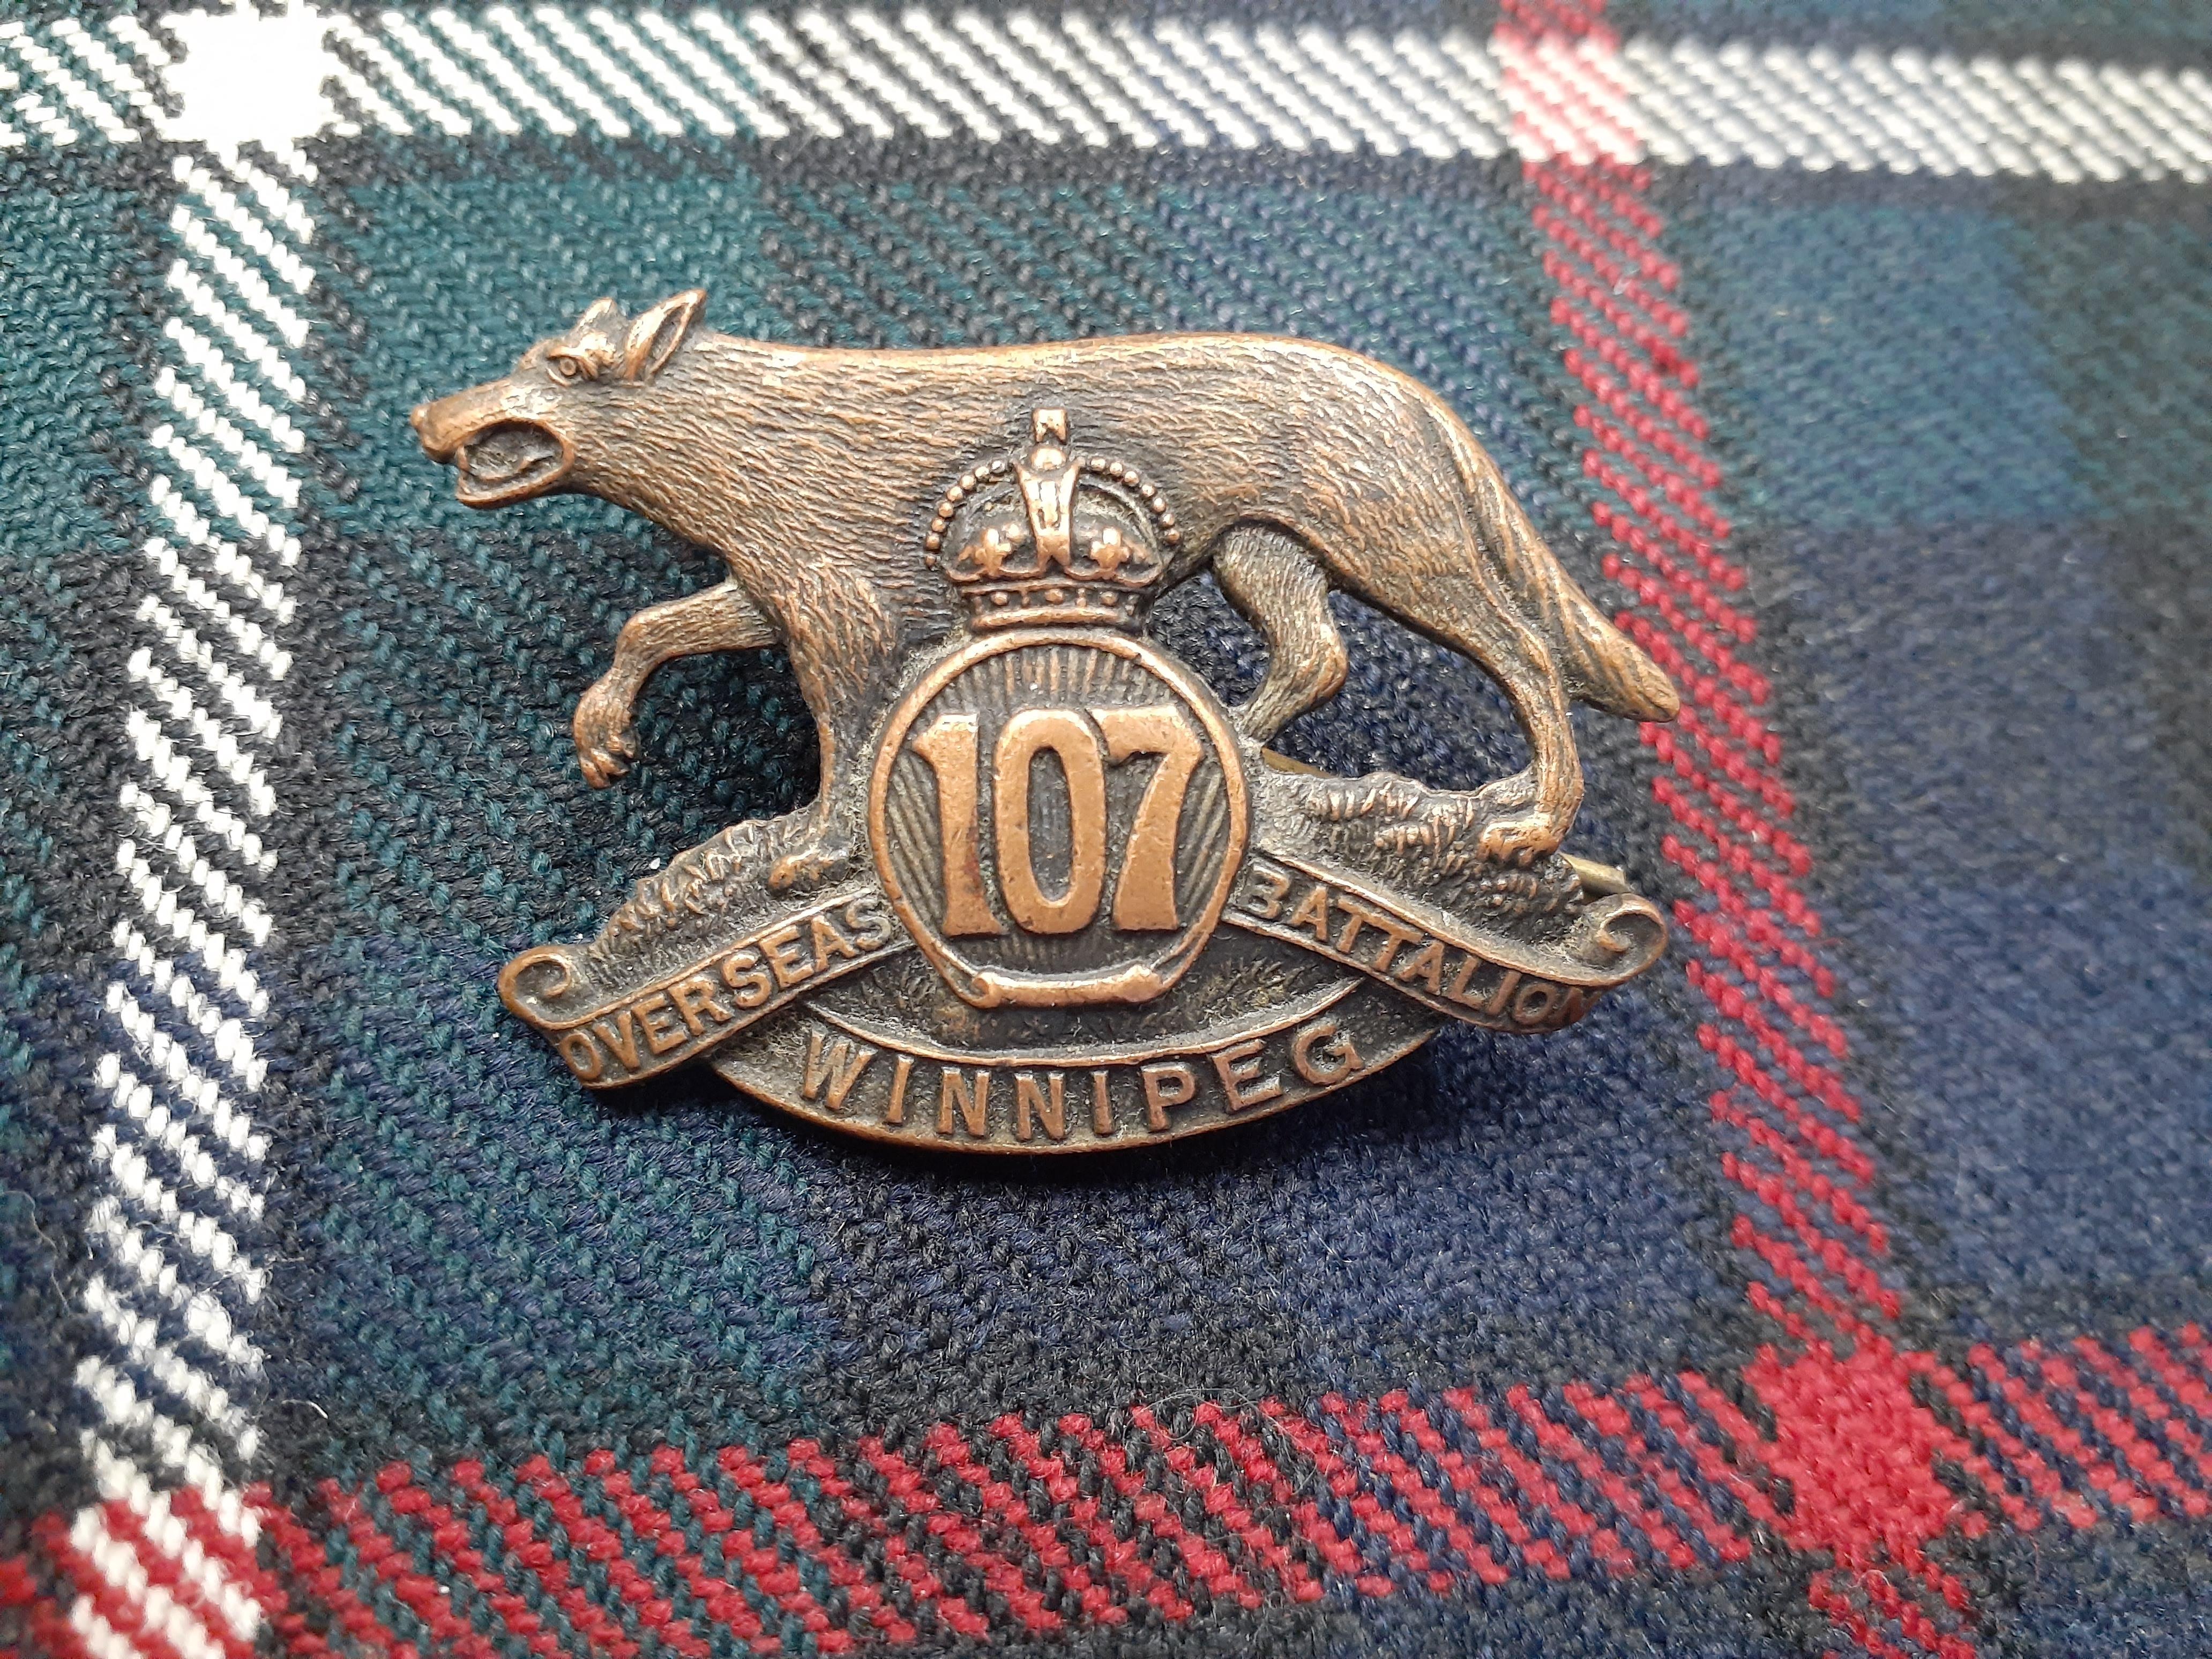 107th cap badge